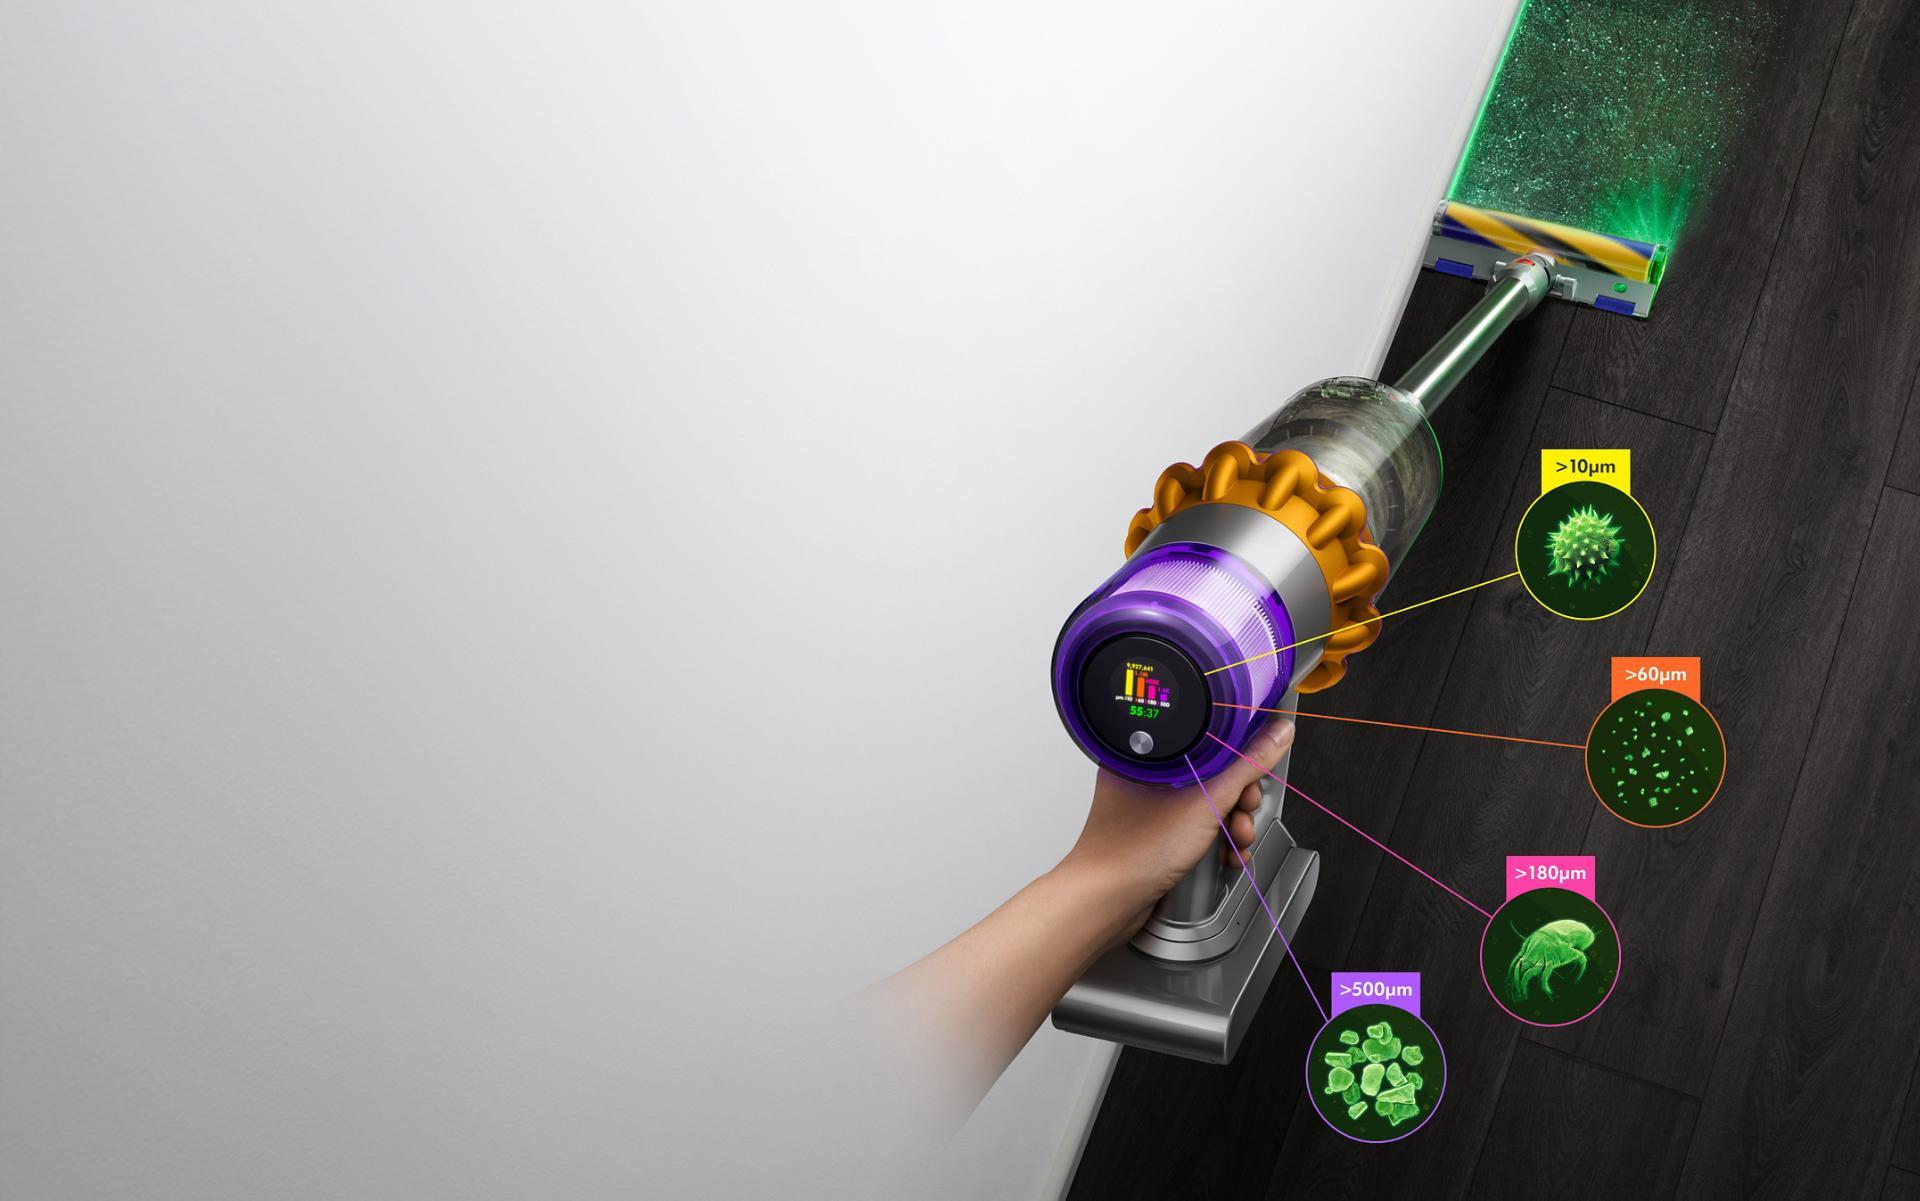 Tespit edilen toz büyüklüklerini gösteren Laser Slim Fluffy temizleme başlıklı Dyson V15 Detect kablosuz süpürge